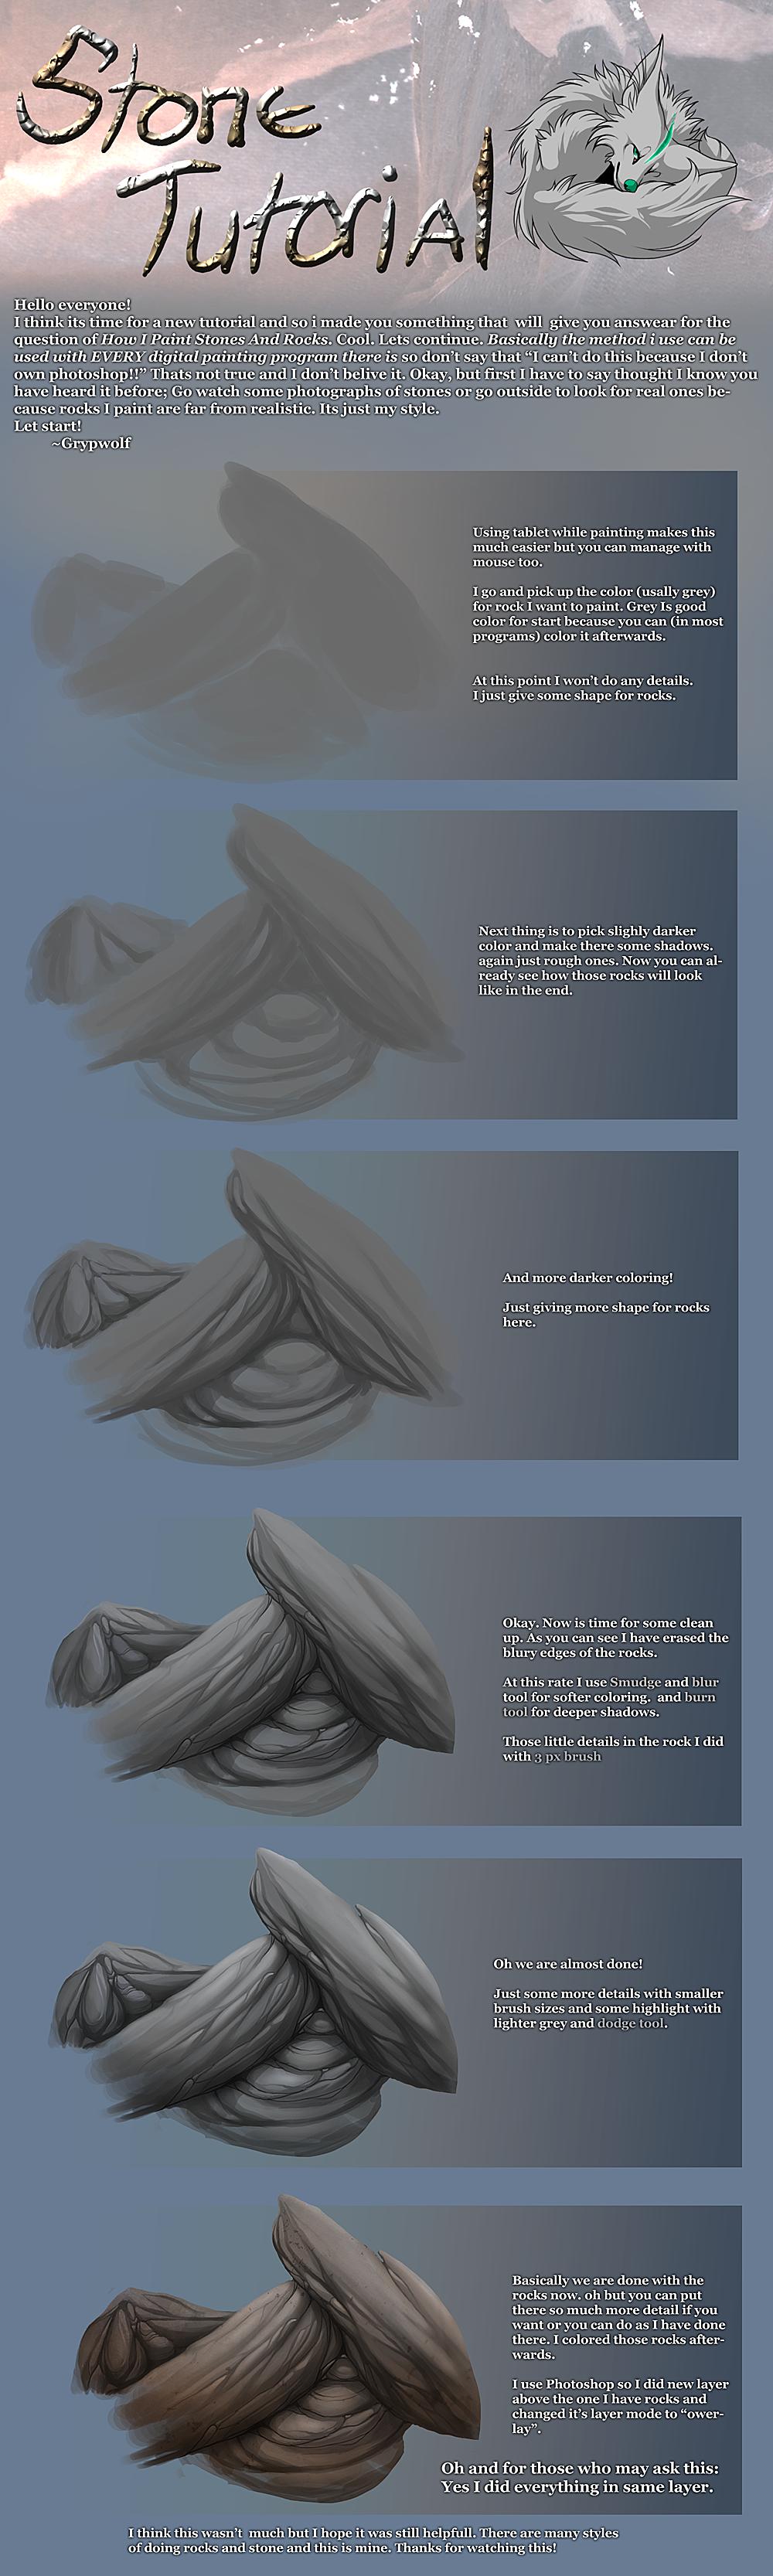 Stone Tutorial by Grypwolf